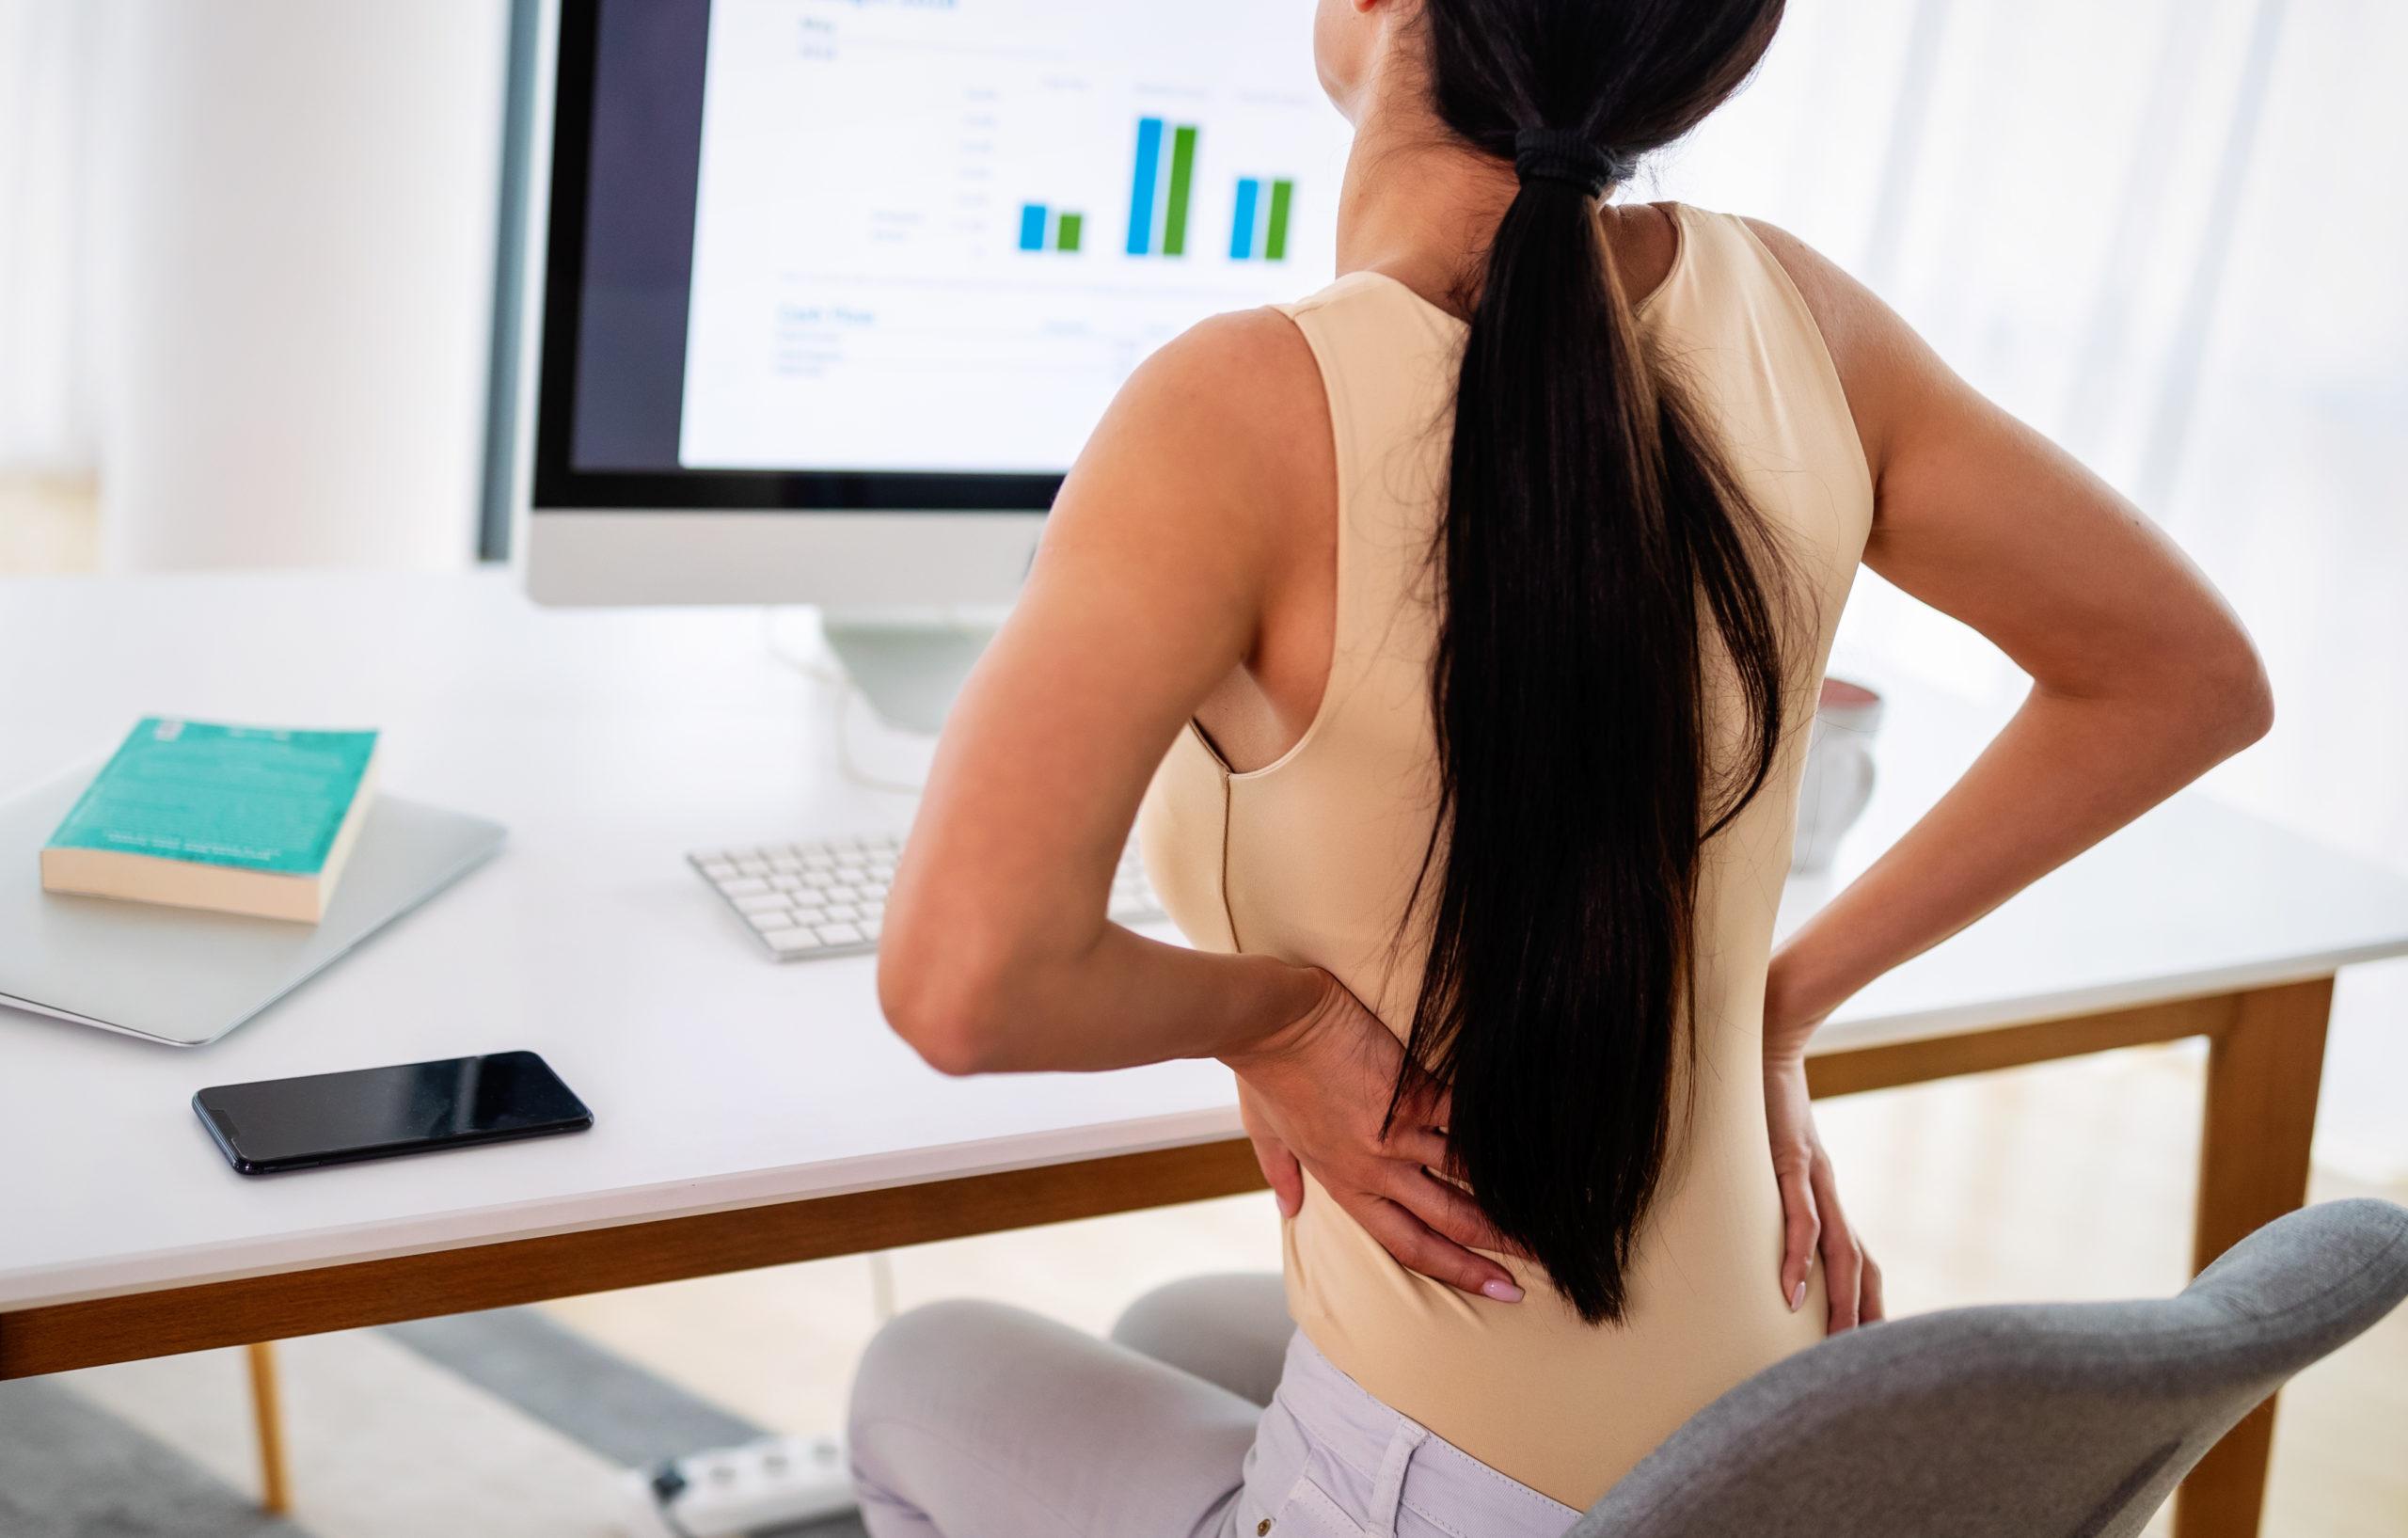 Betten gegen Rückenschmerzen: Die GelBett Profis